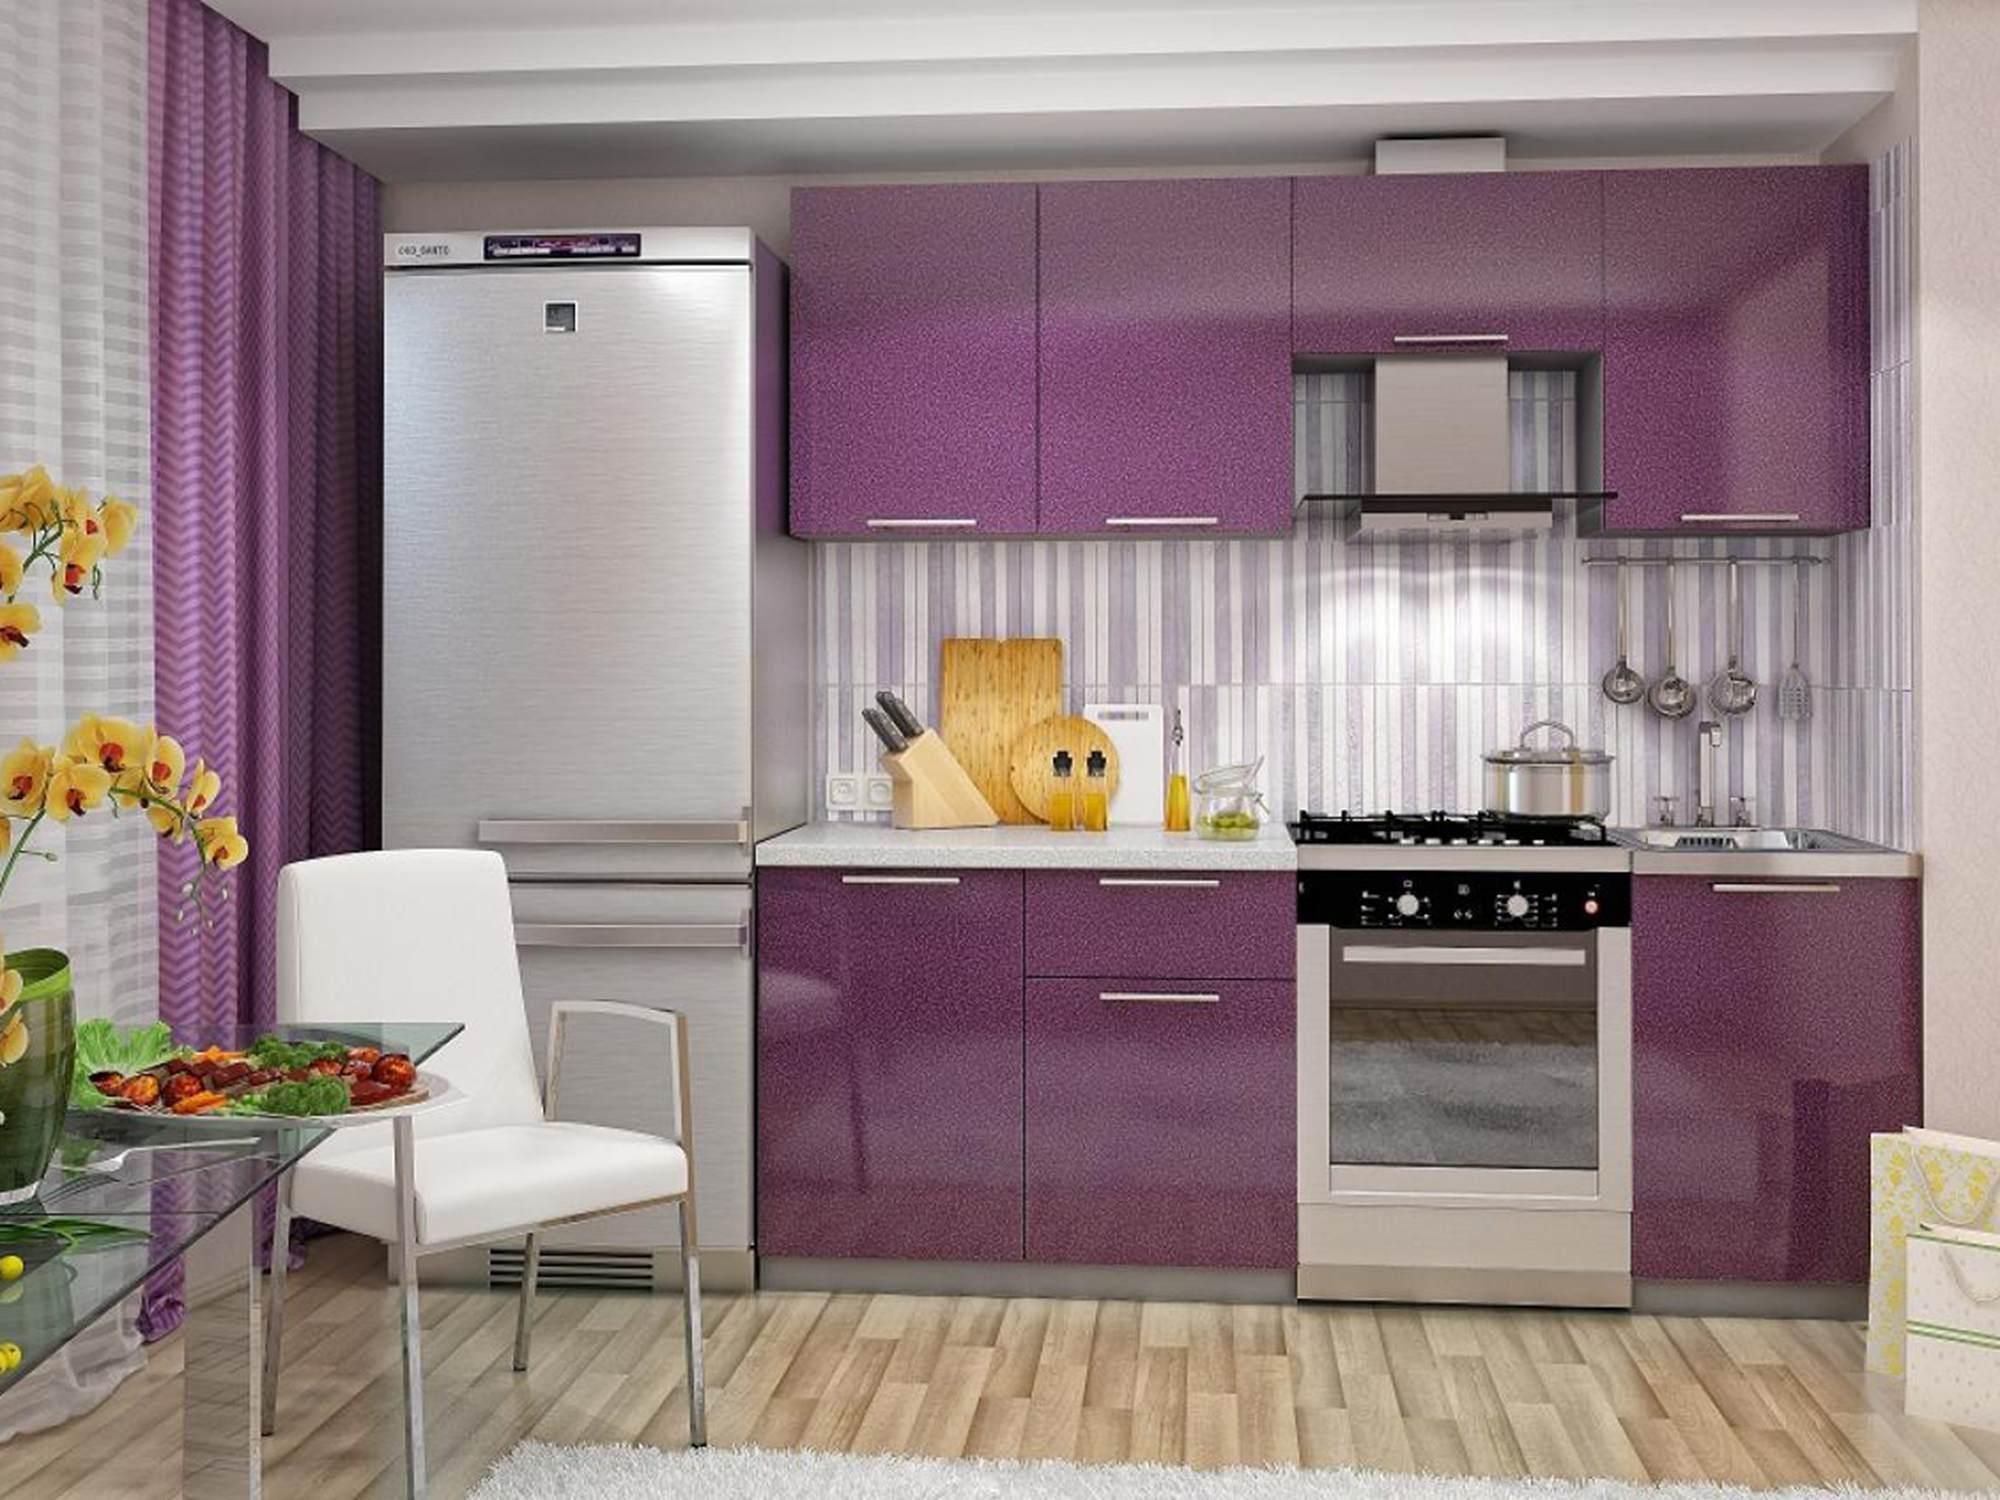 обои для фиолетовой кухни фото расположен бухте, где